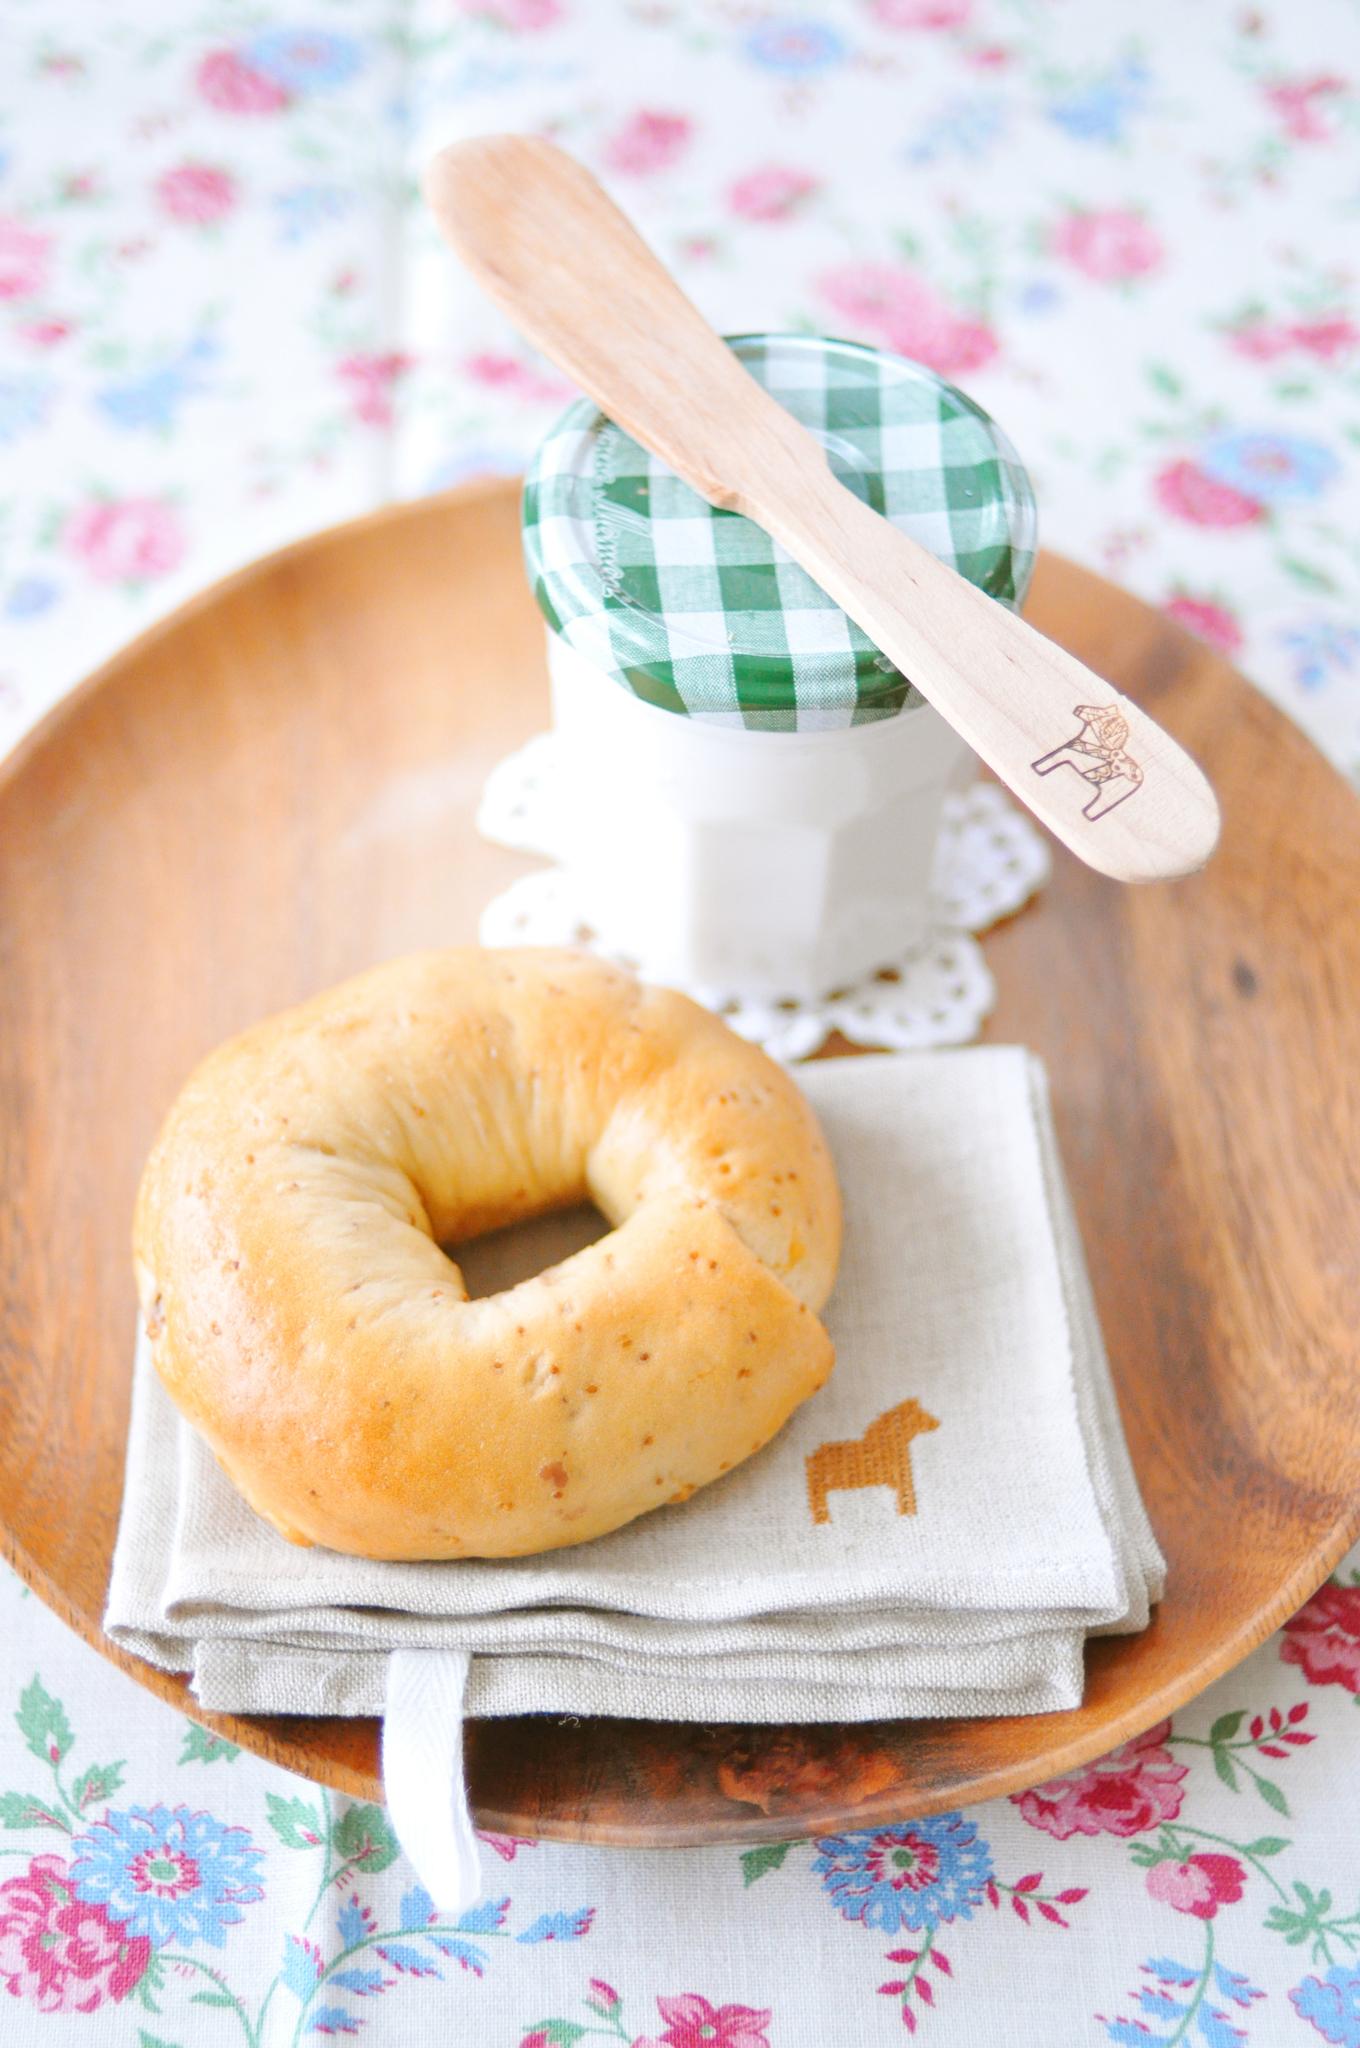 『静岡市駿河区 で出張パン教室 』開催 | パン ケーキ 料理教室 ...